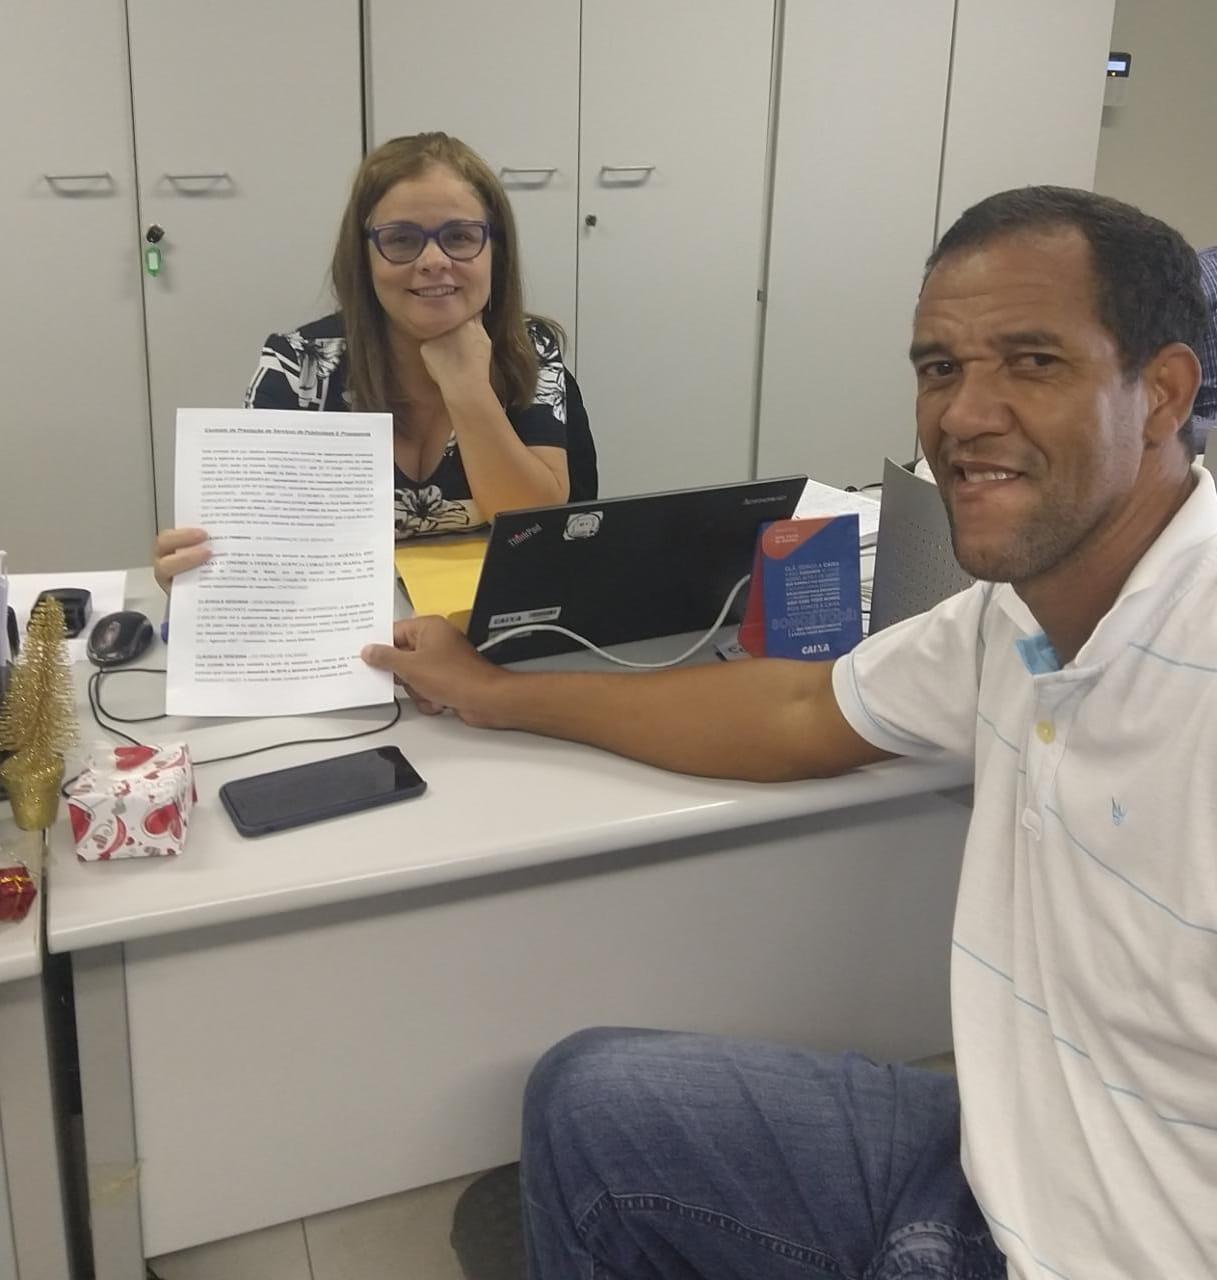 Site Coração Notícias de Alex Barbosa e Rádio  WEB Coração Noticias fecham parceria com a Agencia da Caixa Econômica em Coração de Maria .